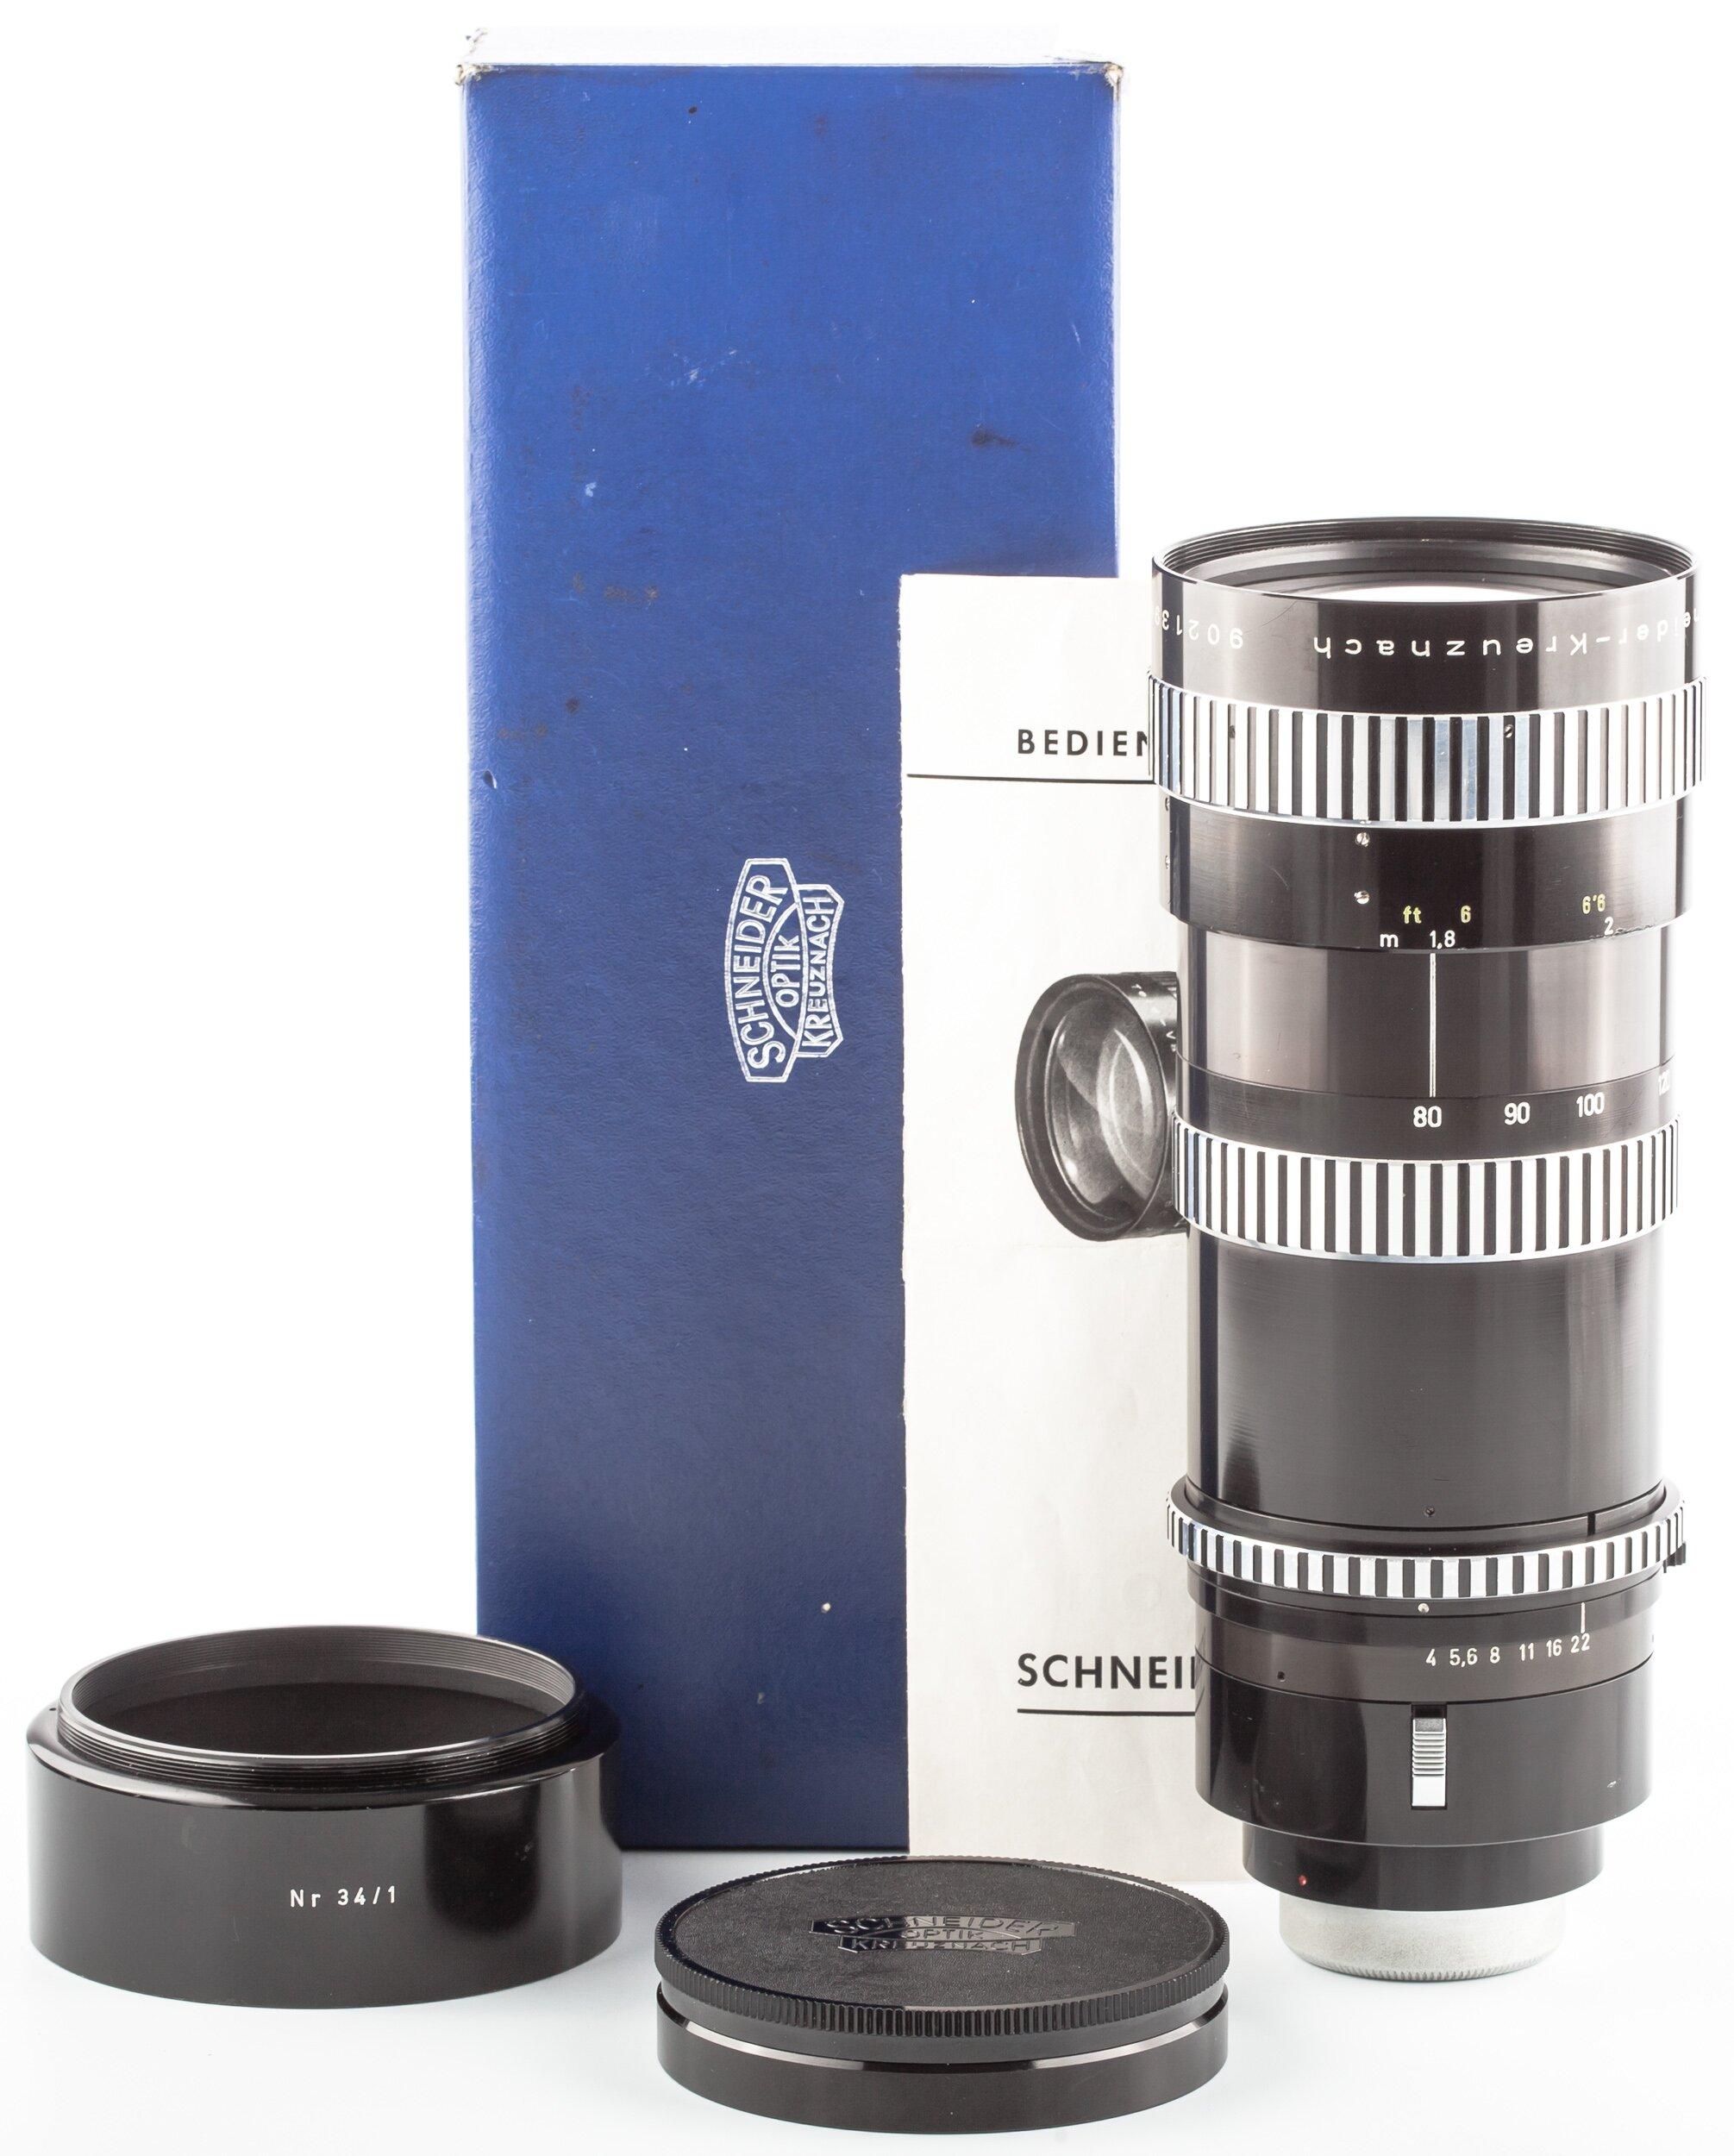 Schneider Objektiv Tele-Variogon 4/80-240 mm Contarex